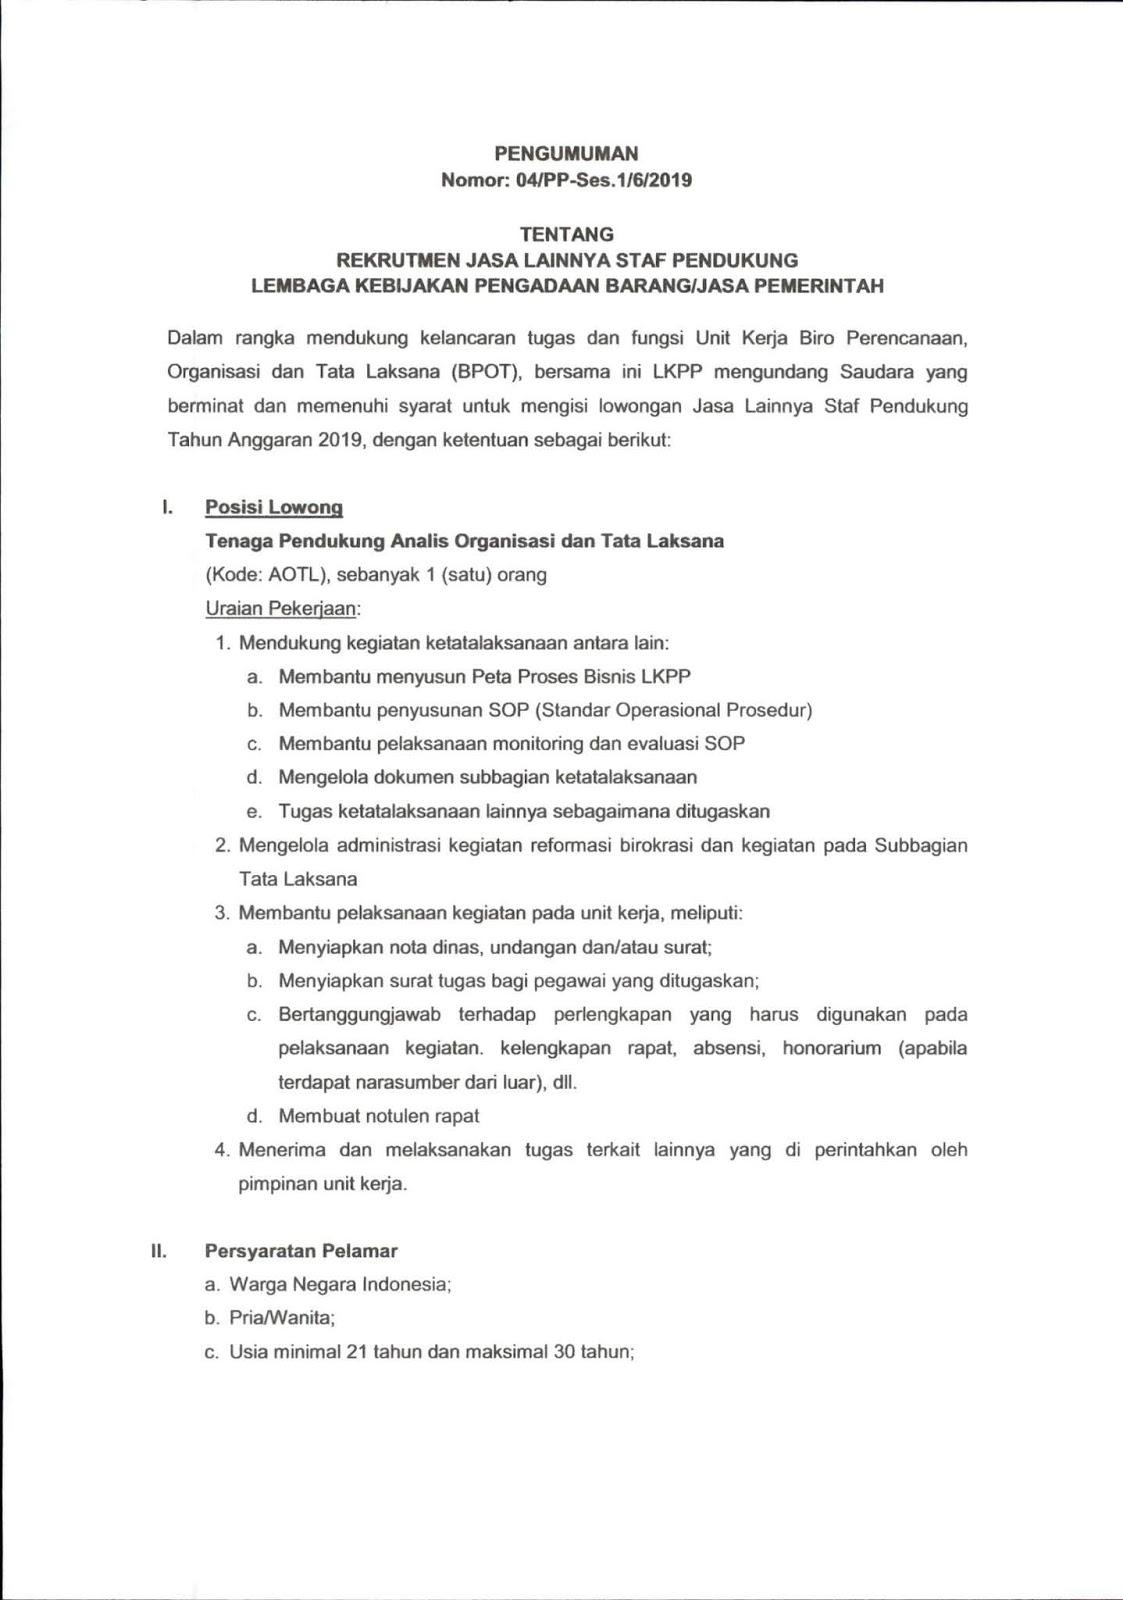 Penerimaan Pegawai Non PNS Staf Pendukung LKPP Hingga 19 Juli 2019